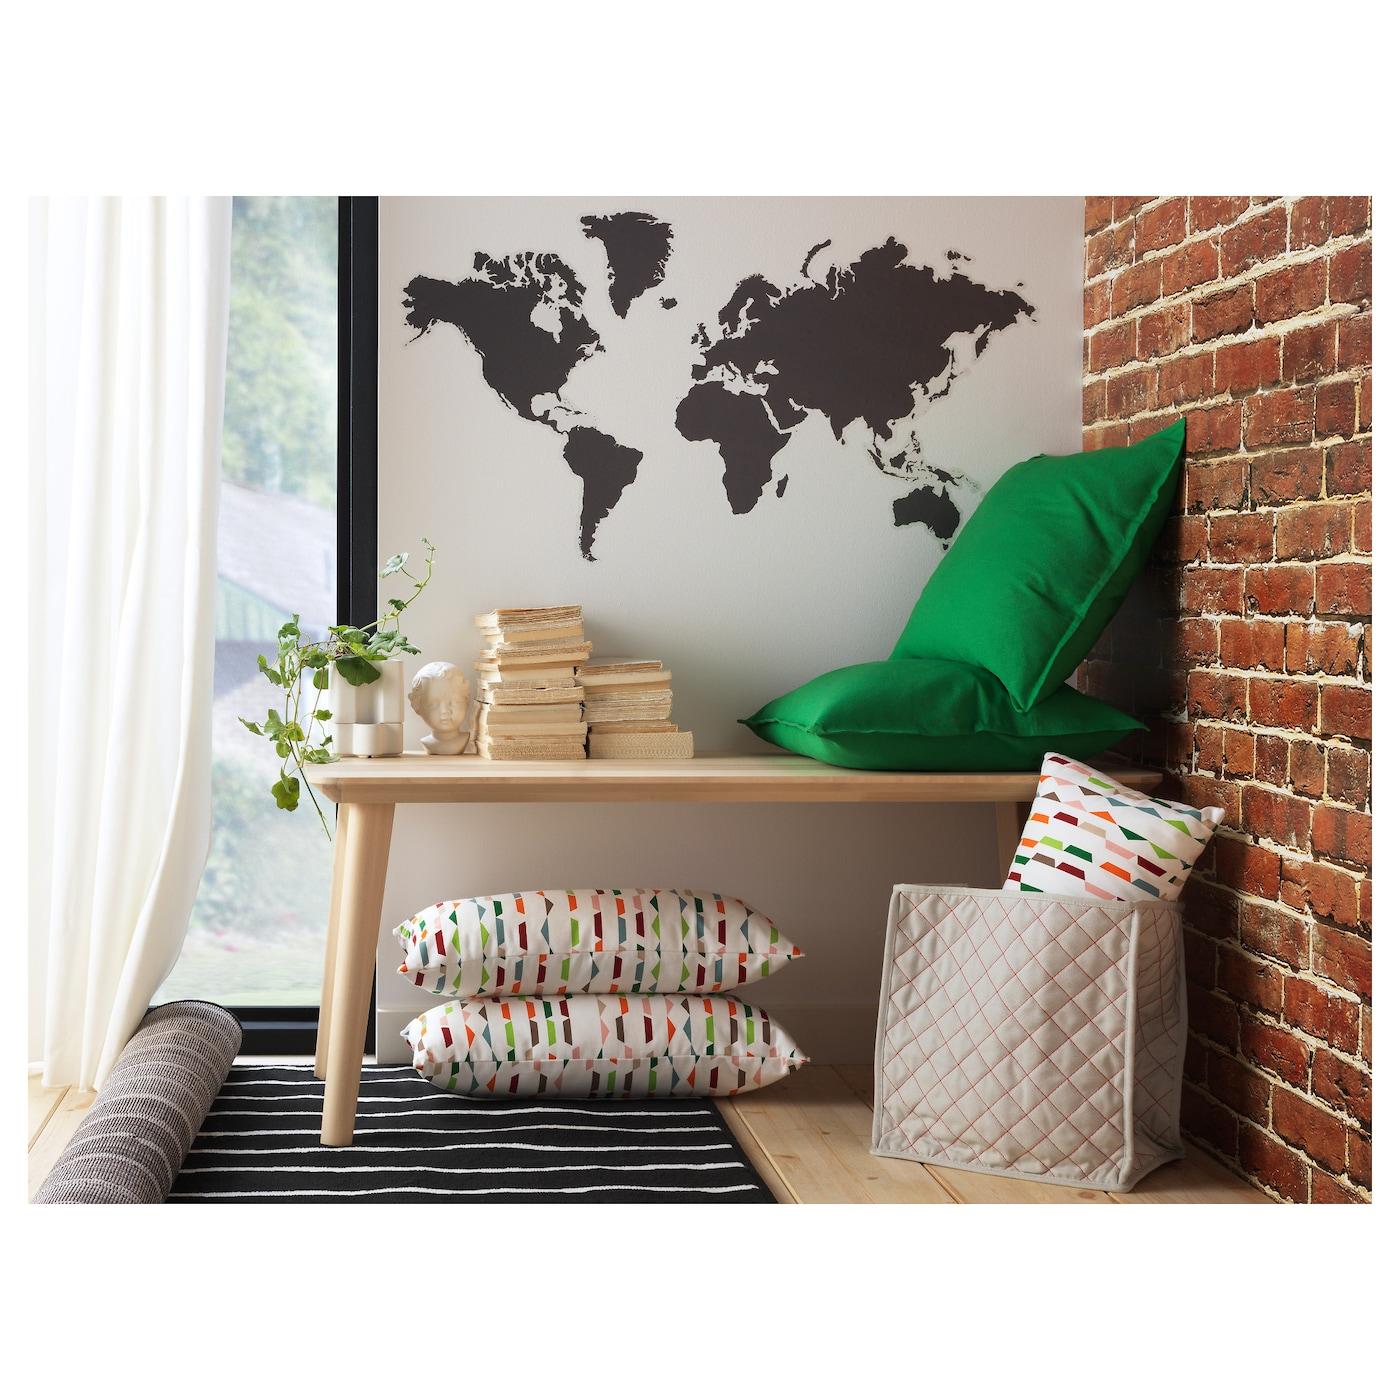 Cartina Mondo Ikea.Klatta Decorazione Autoadesiva Mondo Lavagna 60x103 Cm Ikea Svizzera